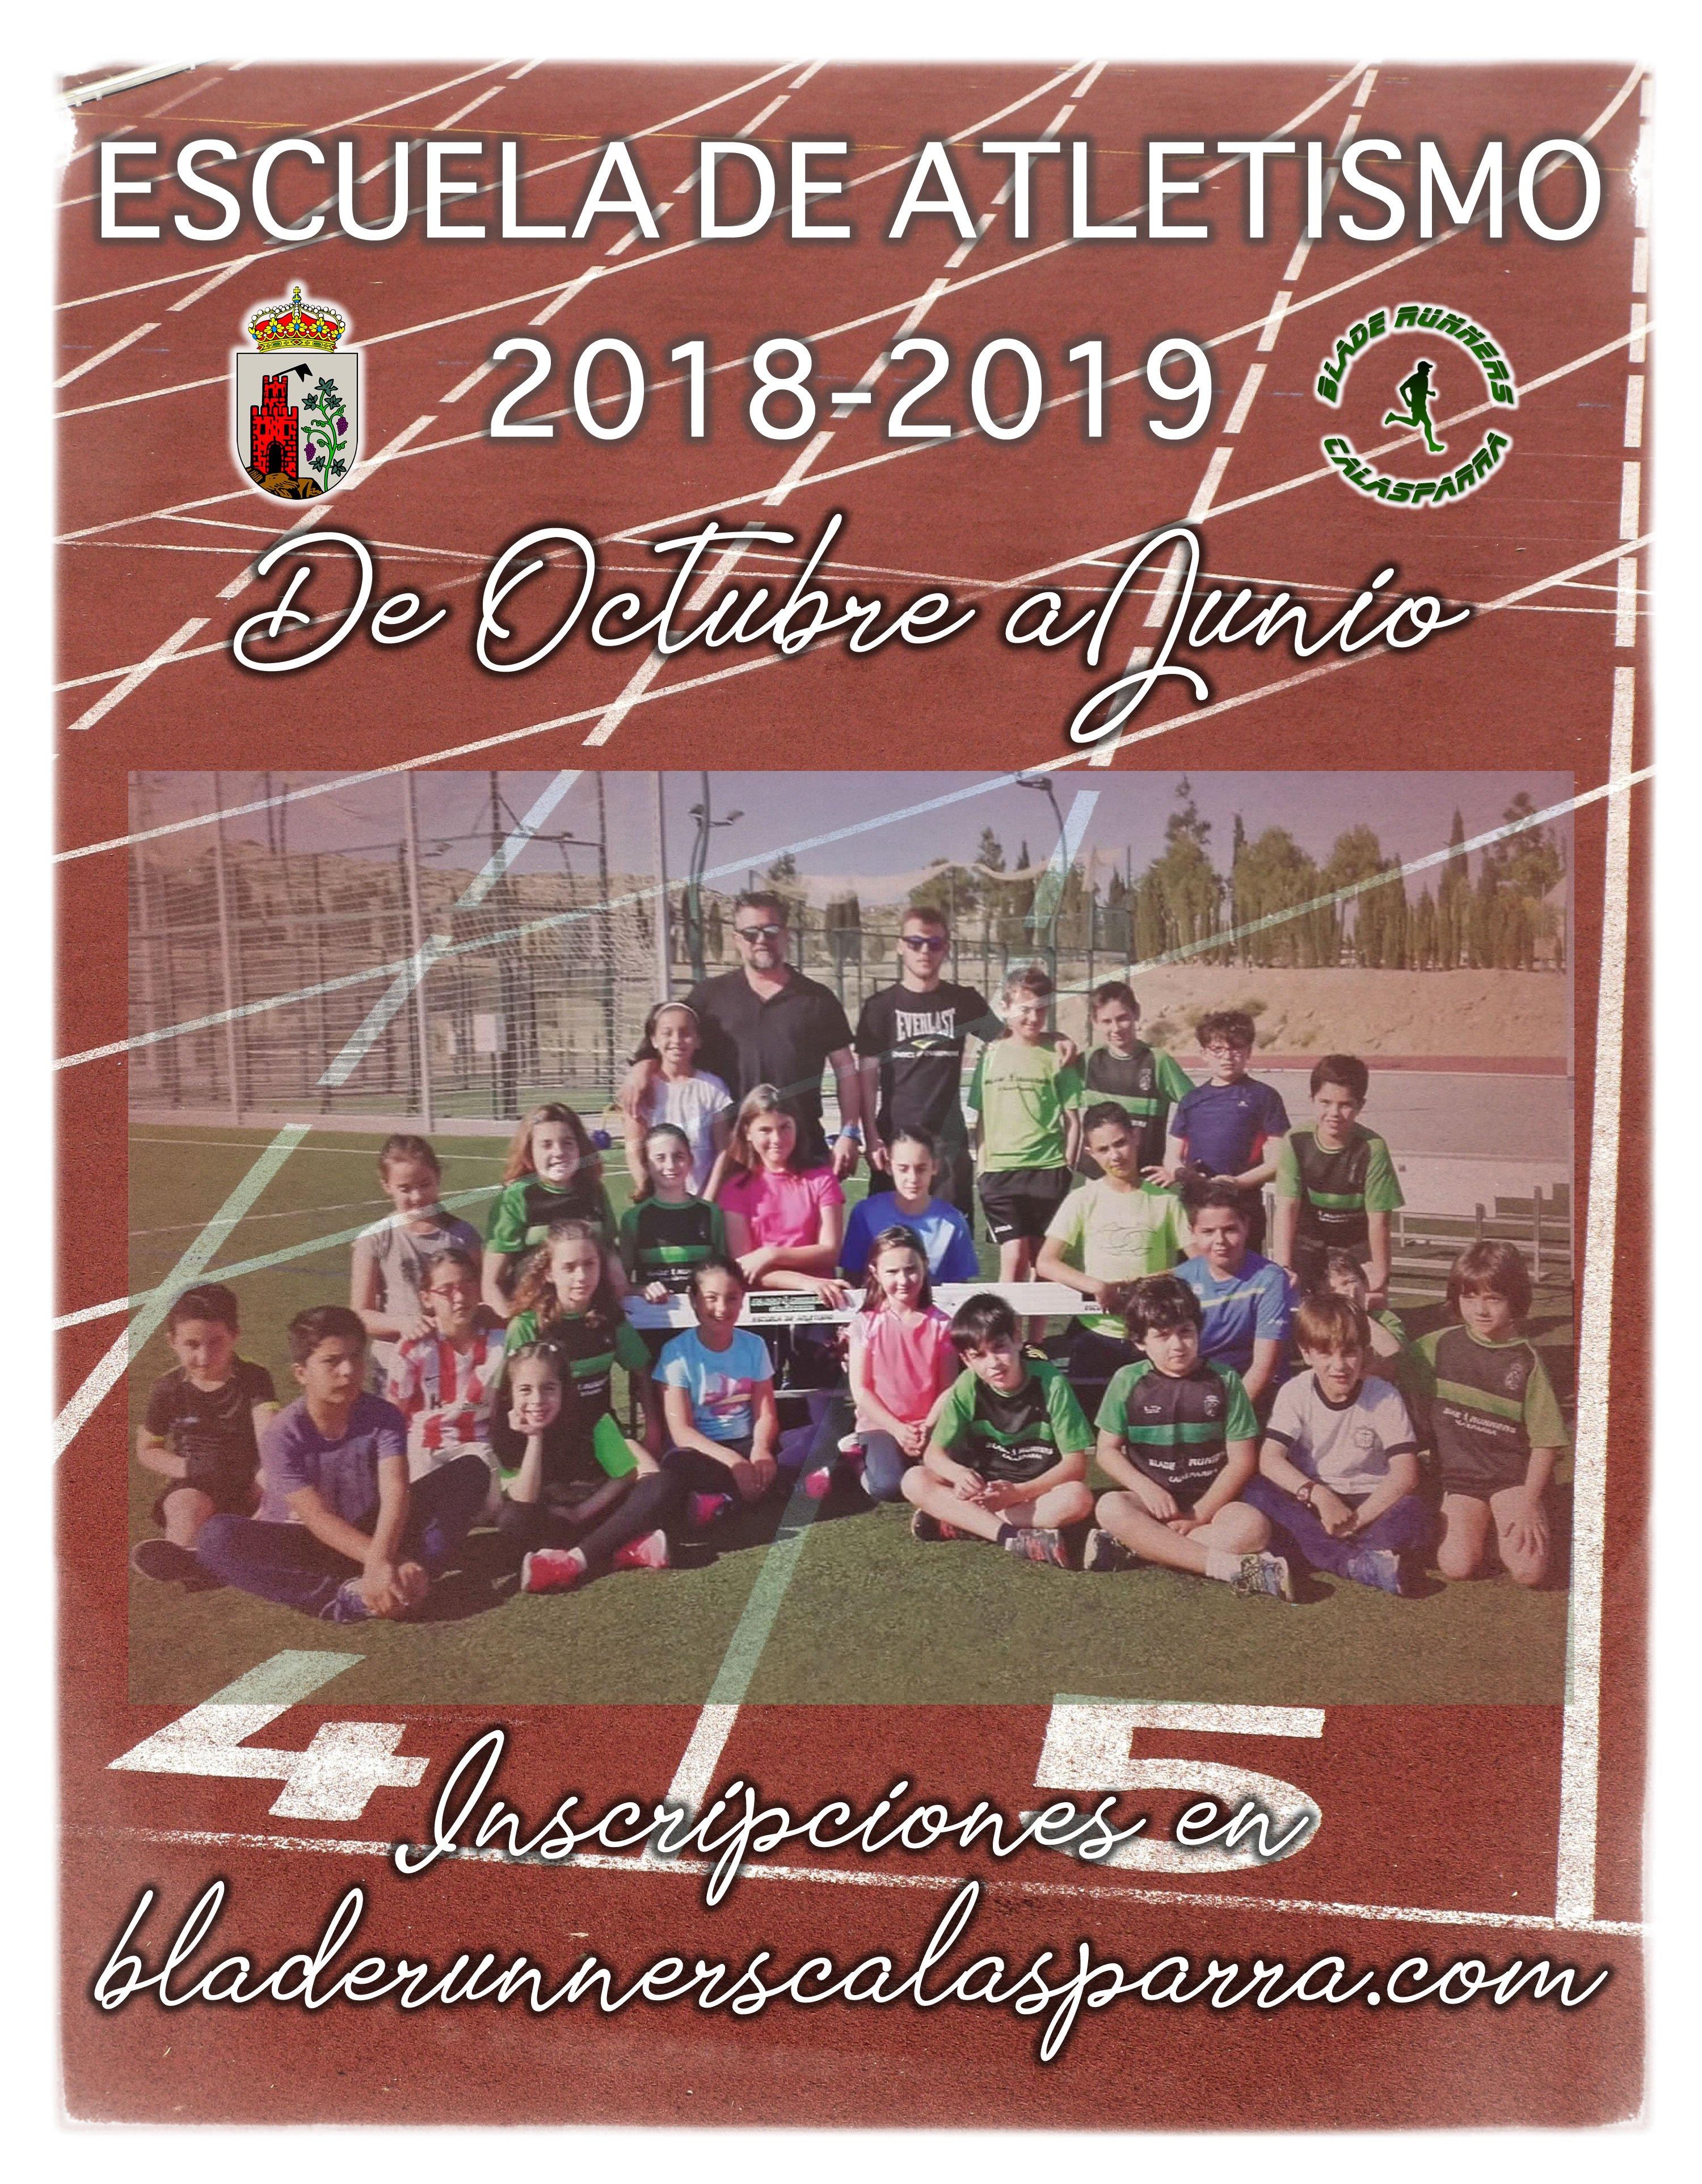 Escuela De Atletismo 2018-2019 ¡Inscripciones Abiertas!